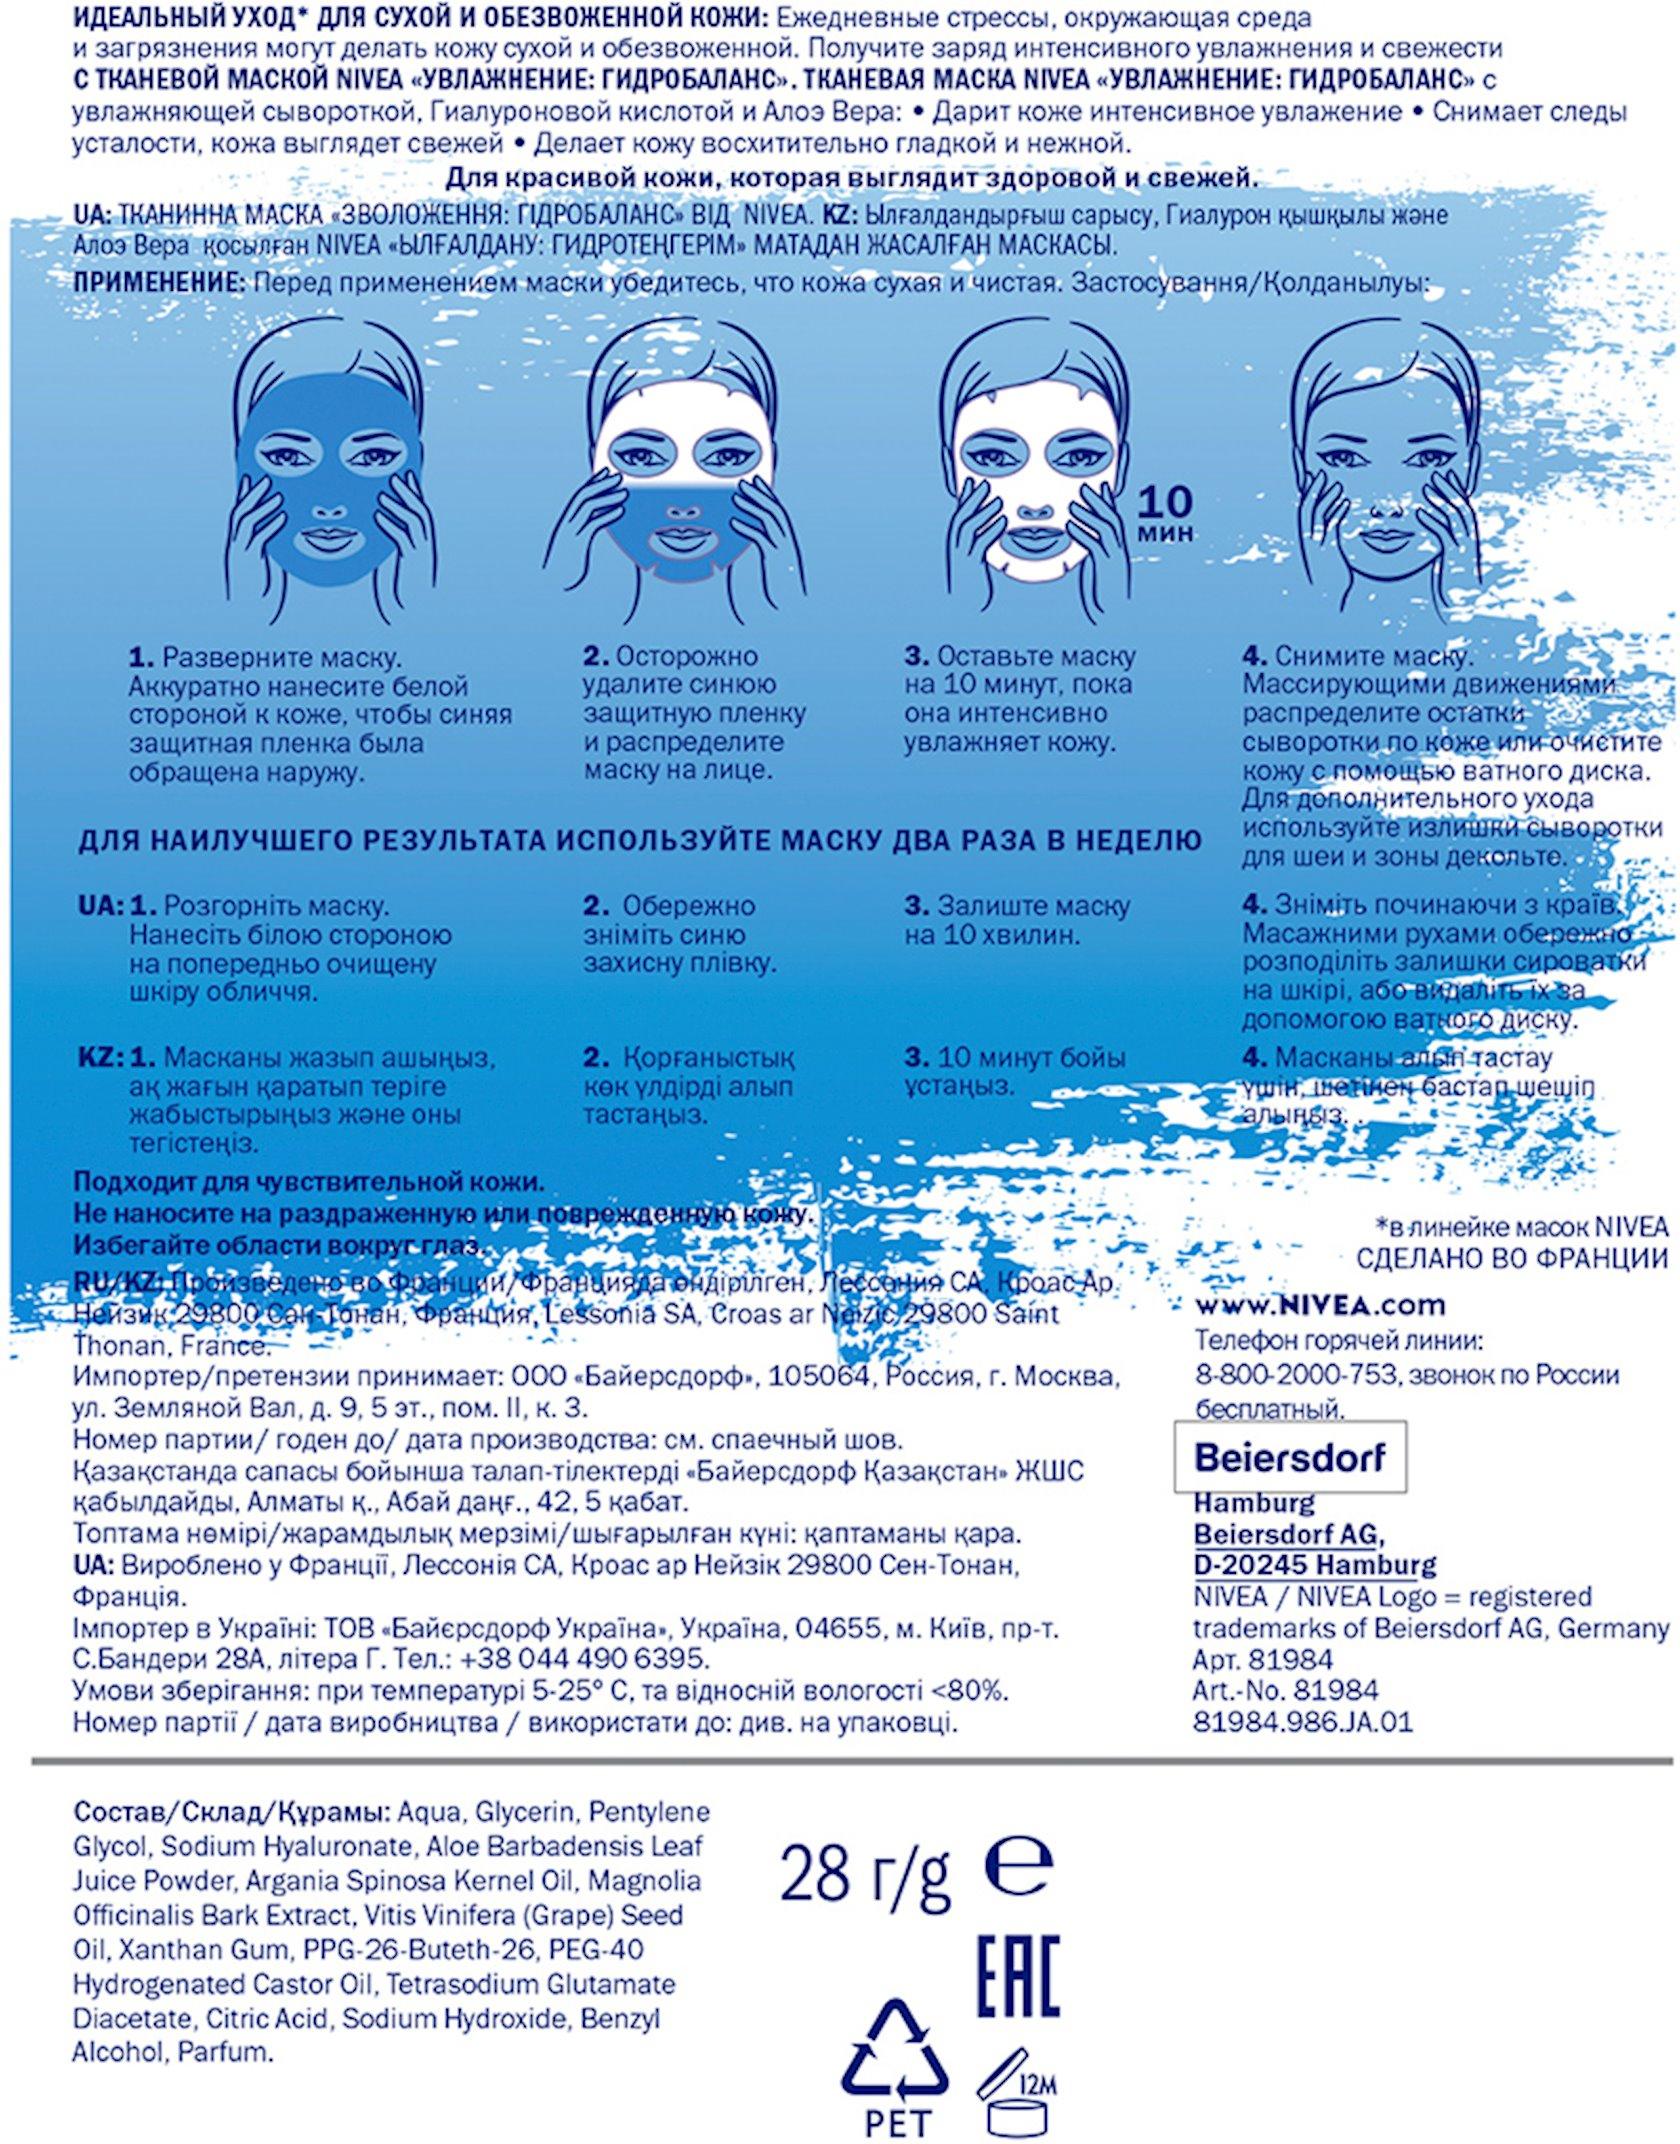 Üz üçün parça maska Nivea Nəmləndirmə - Hidrobalans  Hyaluron turşusu və aloe vera ilə